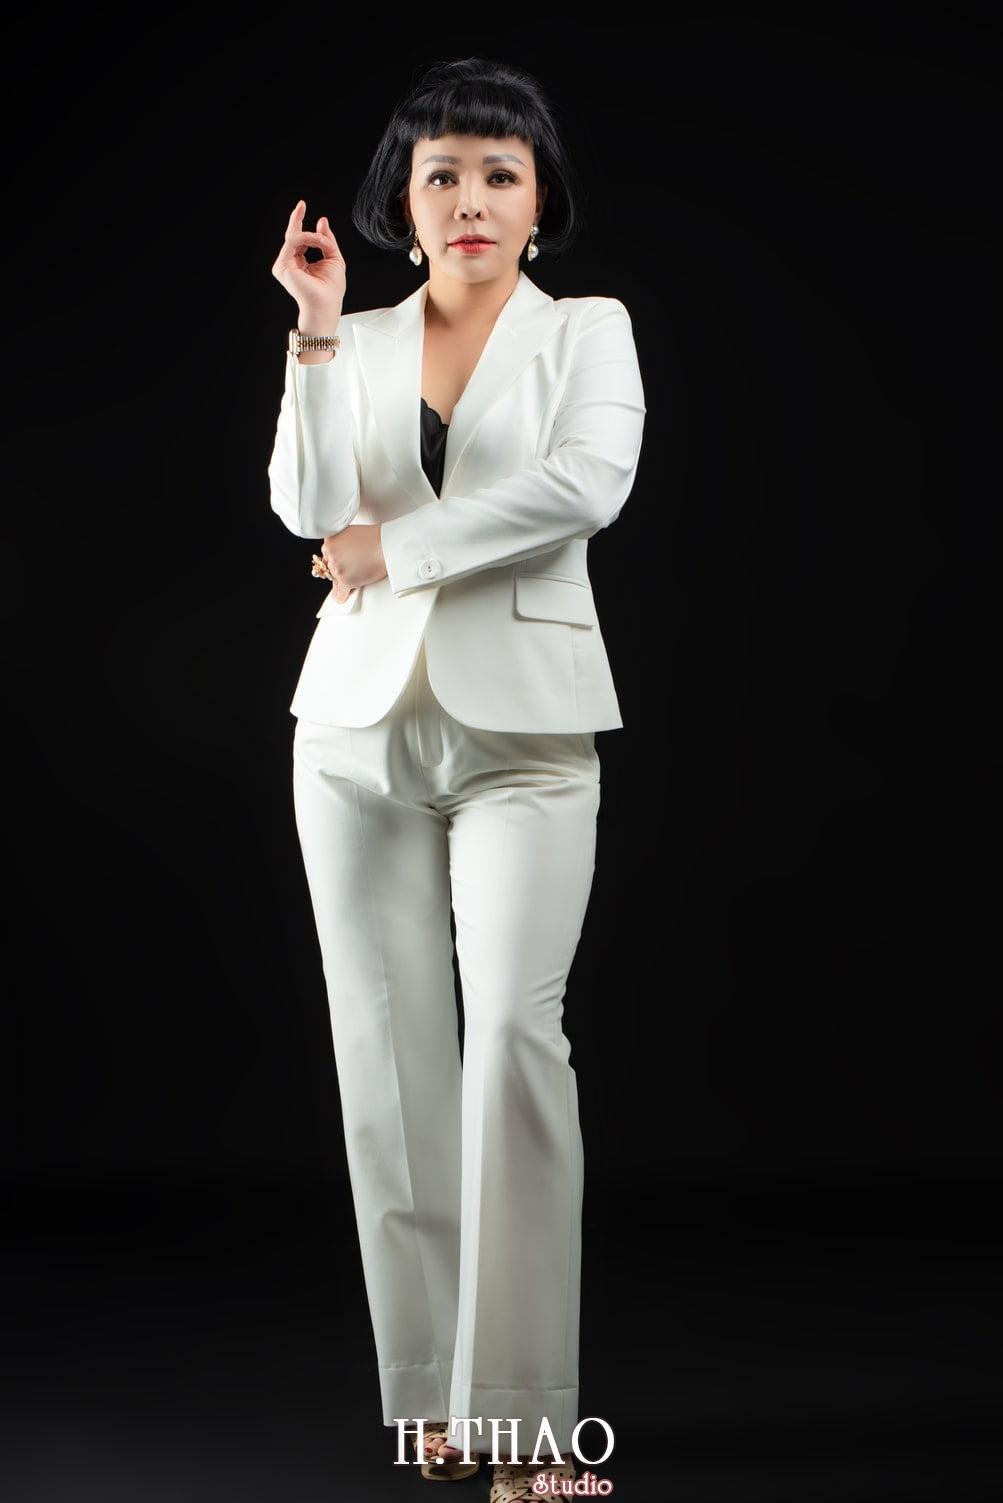 Doanh nhan dao tao 4 - Album nữ doanh nhân ngành đào tạo giải pháp Hoàng Dung